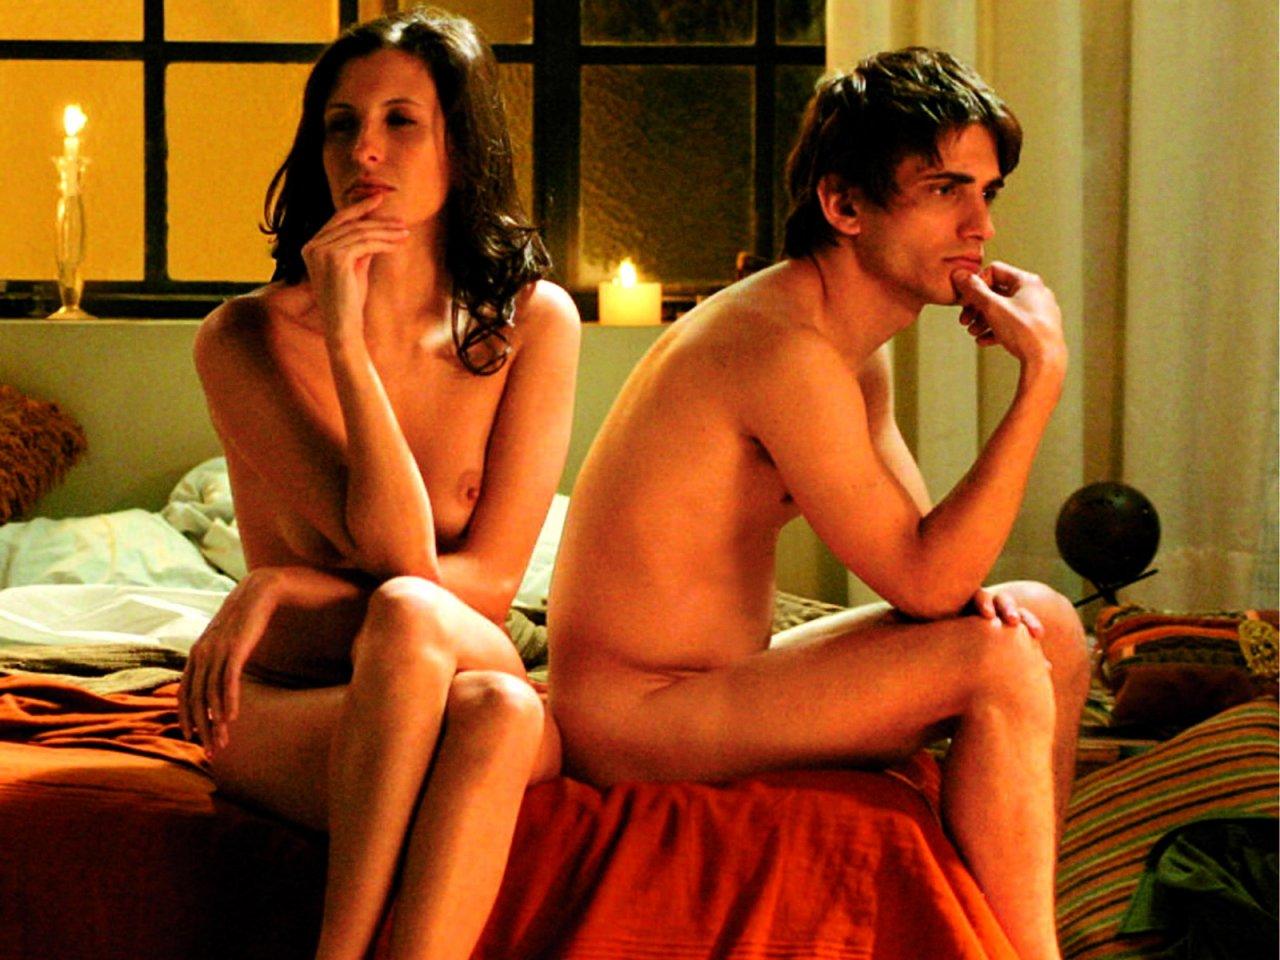 eroticheskie-filmi-18-smotret-onlayn